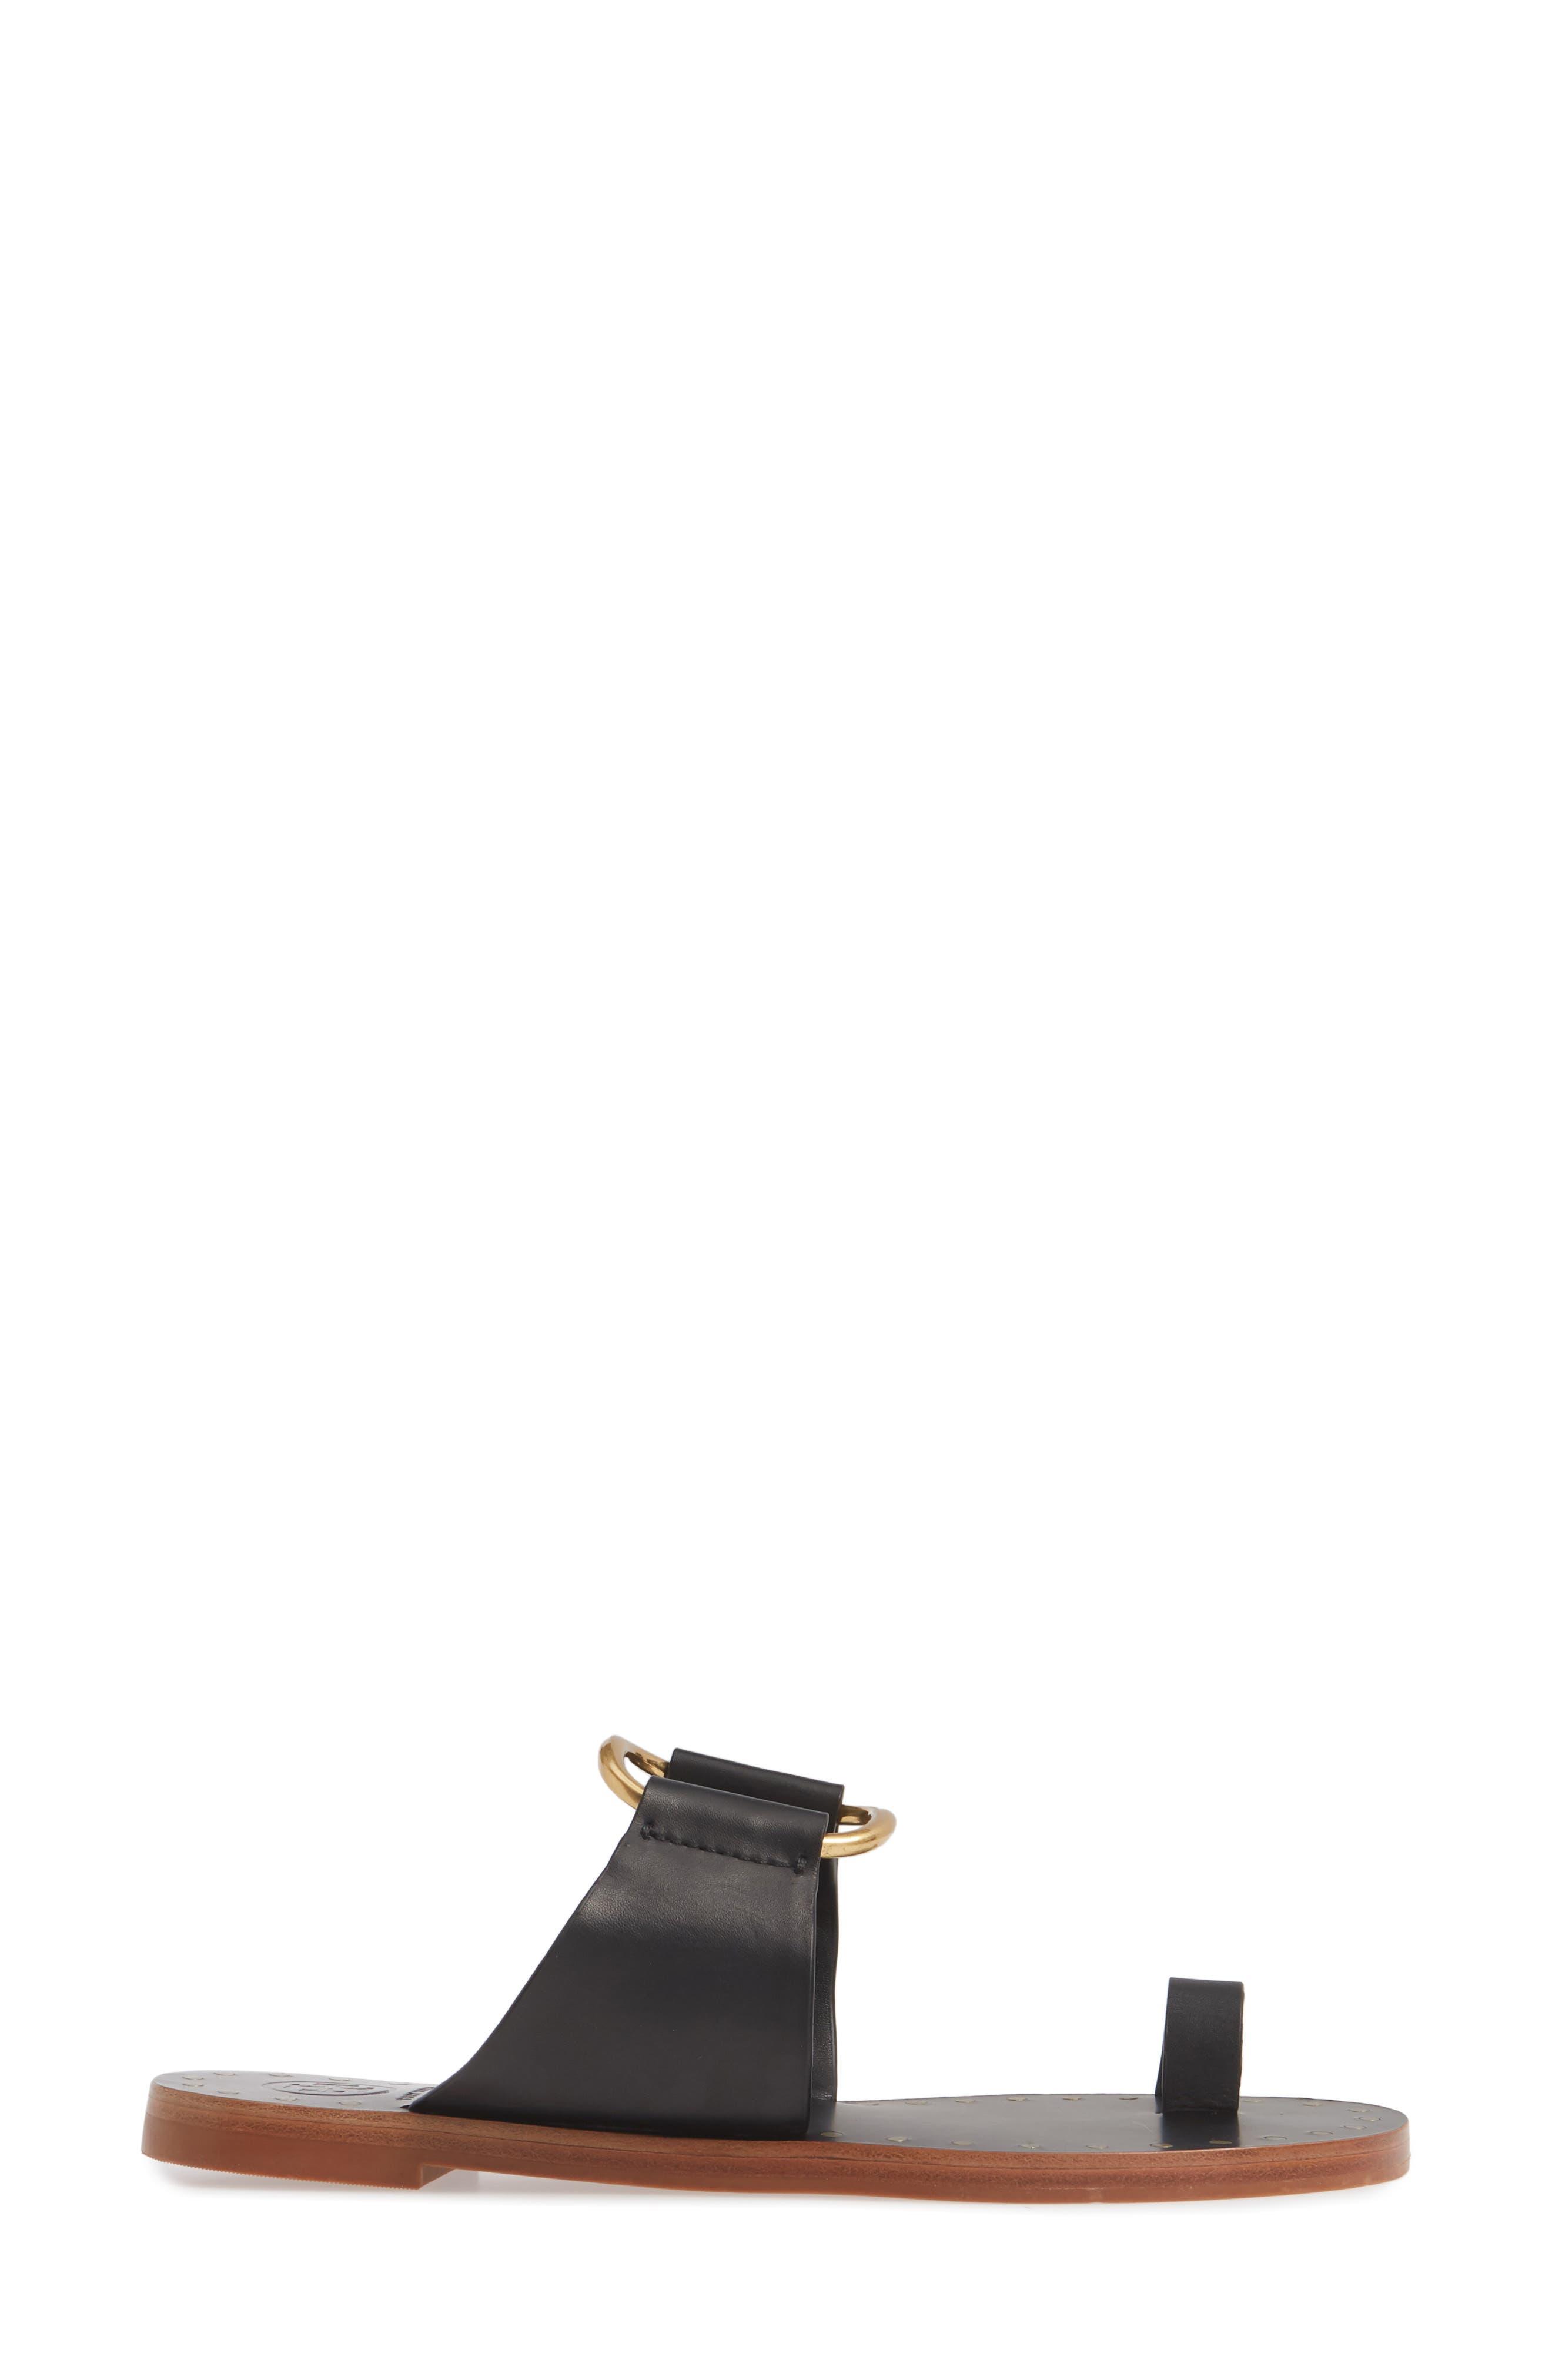 TORY BURCH, Ravello Toe Ring Sandal, Alternate thumbnail 3, color, PERFECT BLACK/ GOLD